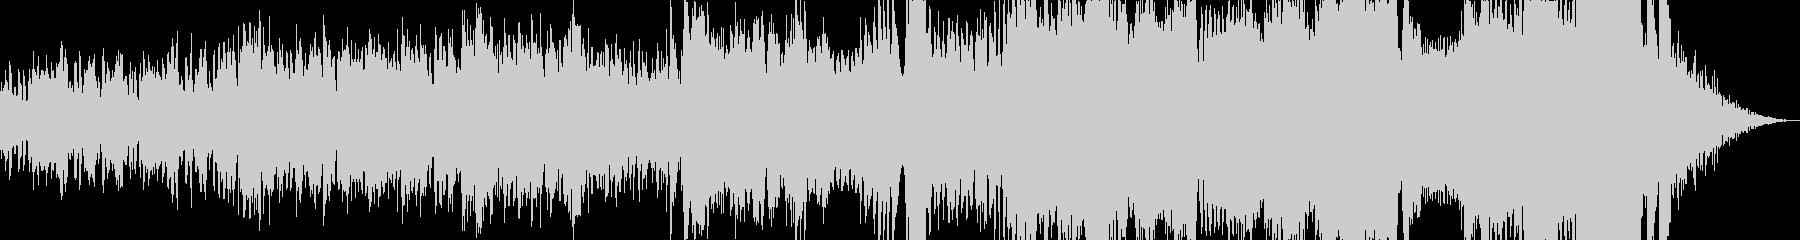 鹿鳴館ワルツの未再生の波形